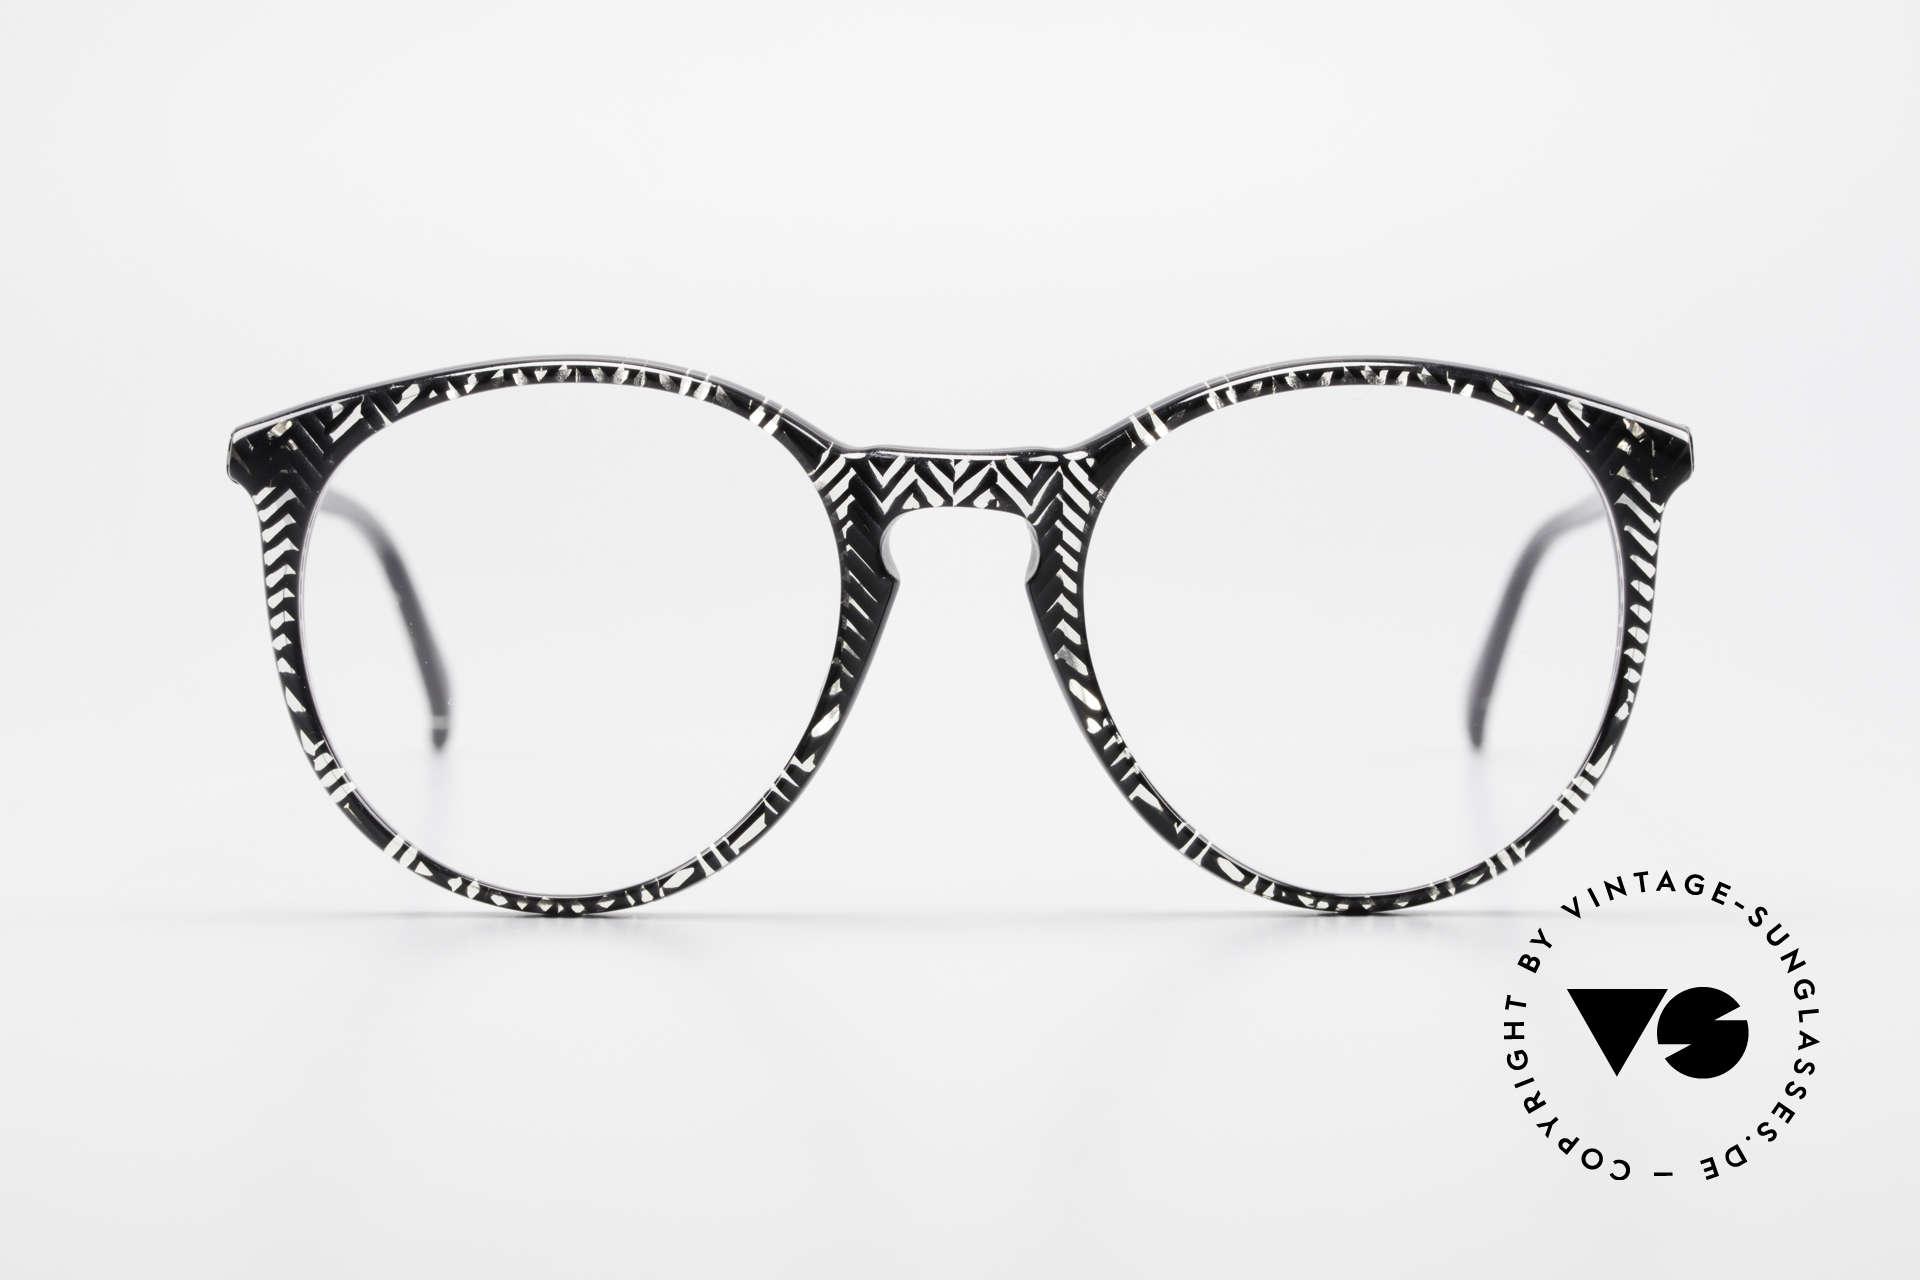 Alain Mikli 901 / 299 Panto Brille Schwarz Kristall, mehr 'klassisch' geht nicht (bekannte PANTO-Form), Passend für Herren und Damen